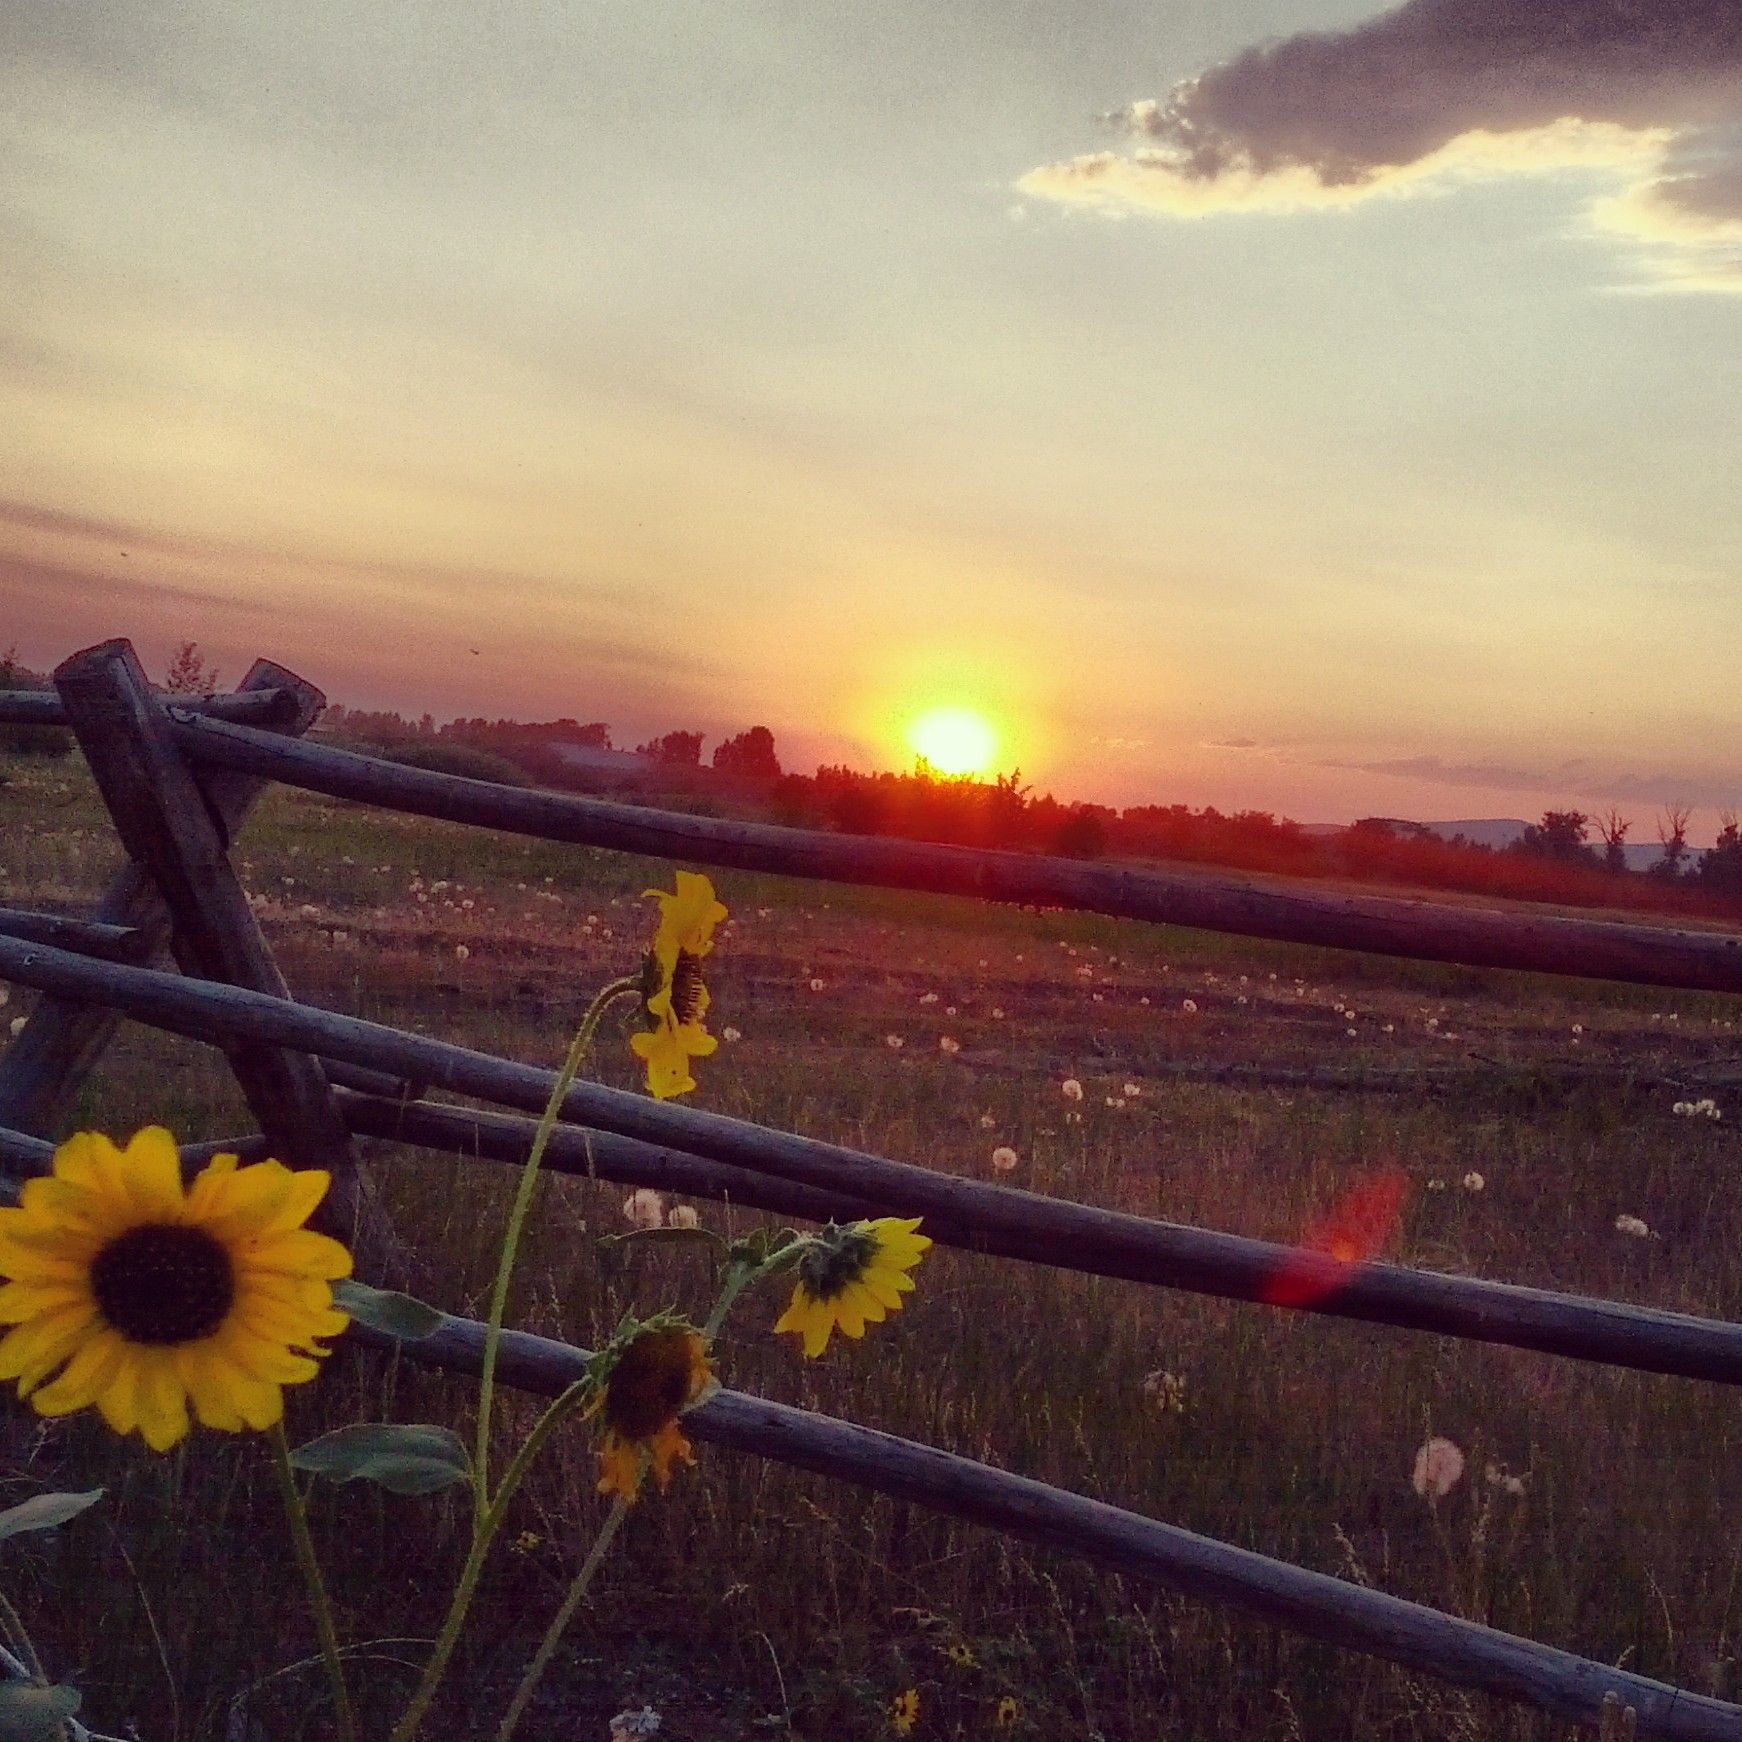 Sunset in Rexburg Idaho